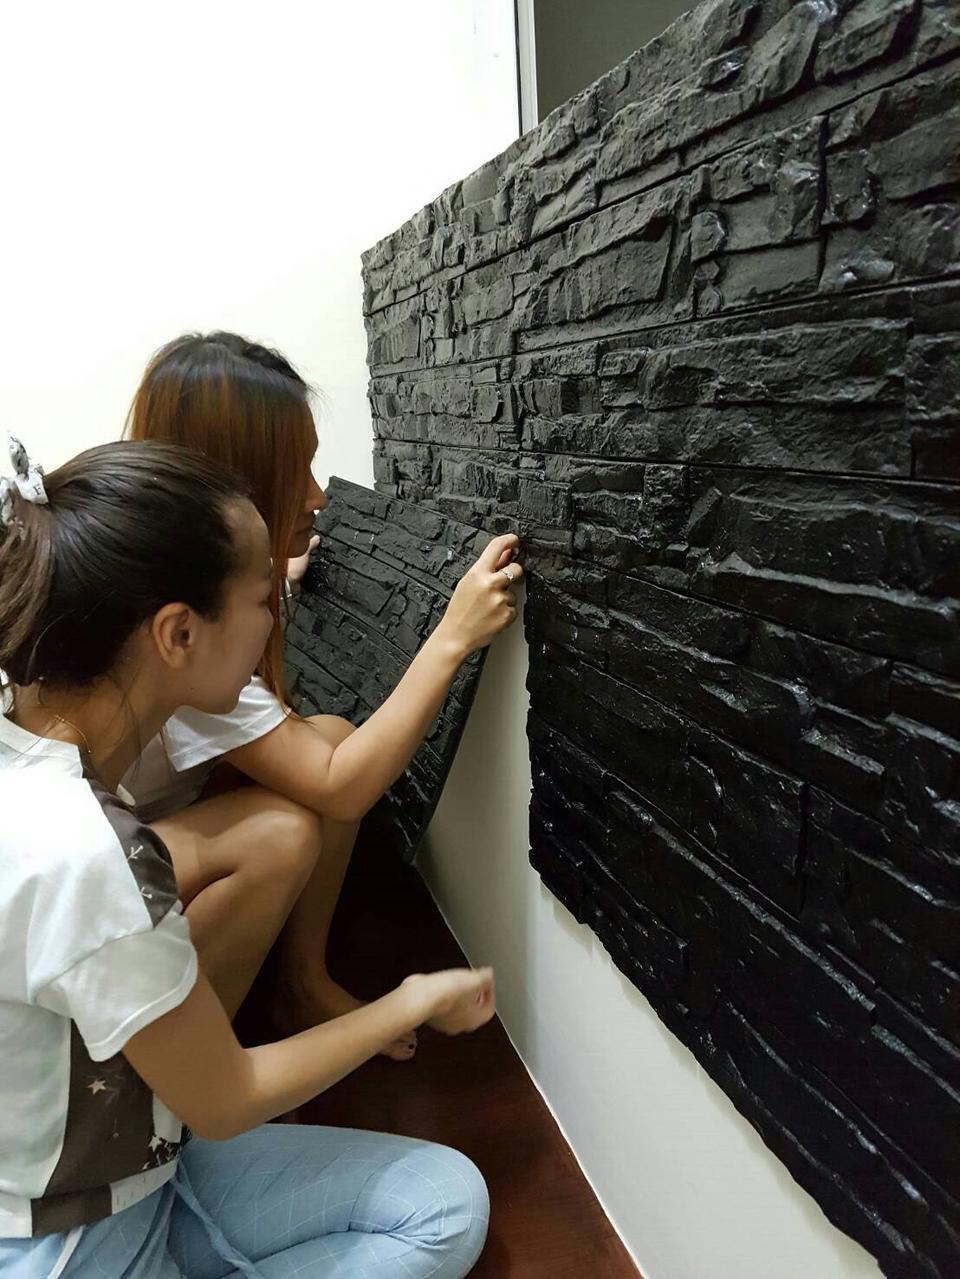 Wallpaper 3D (Fault Rock) รูปที่ 4